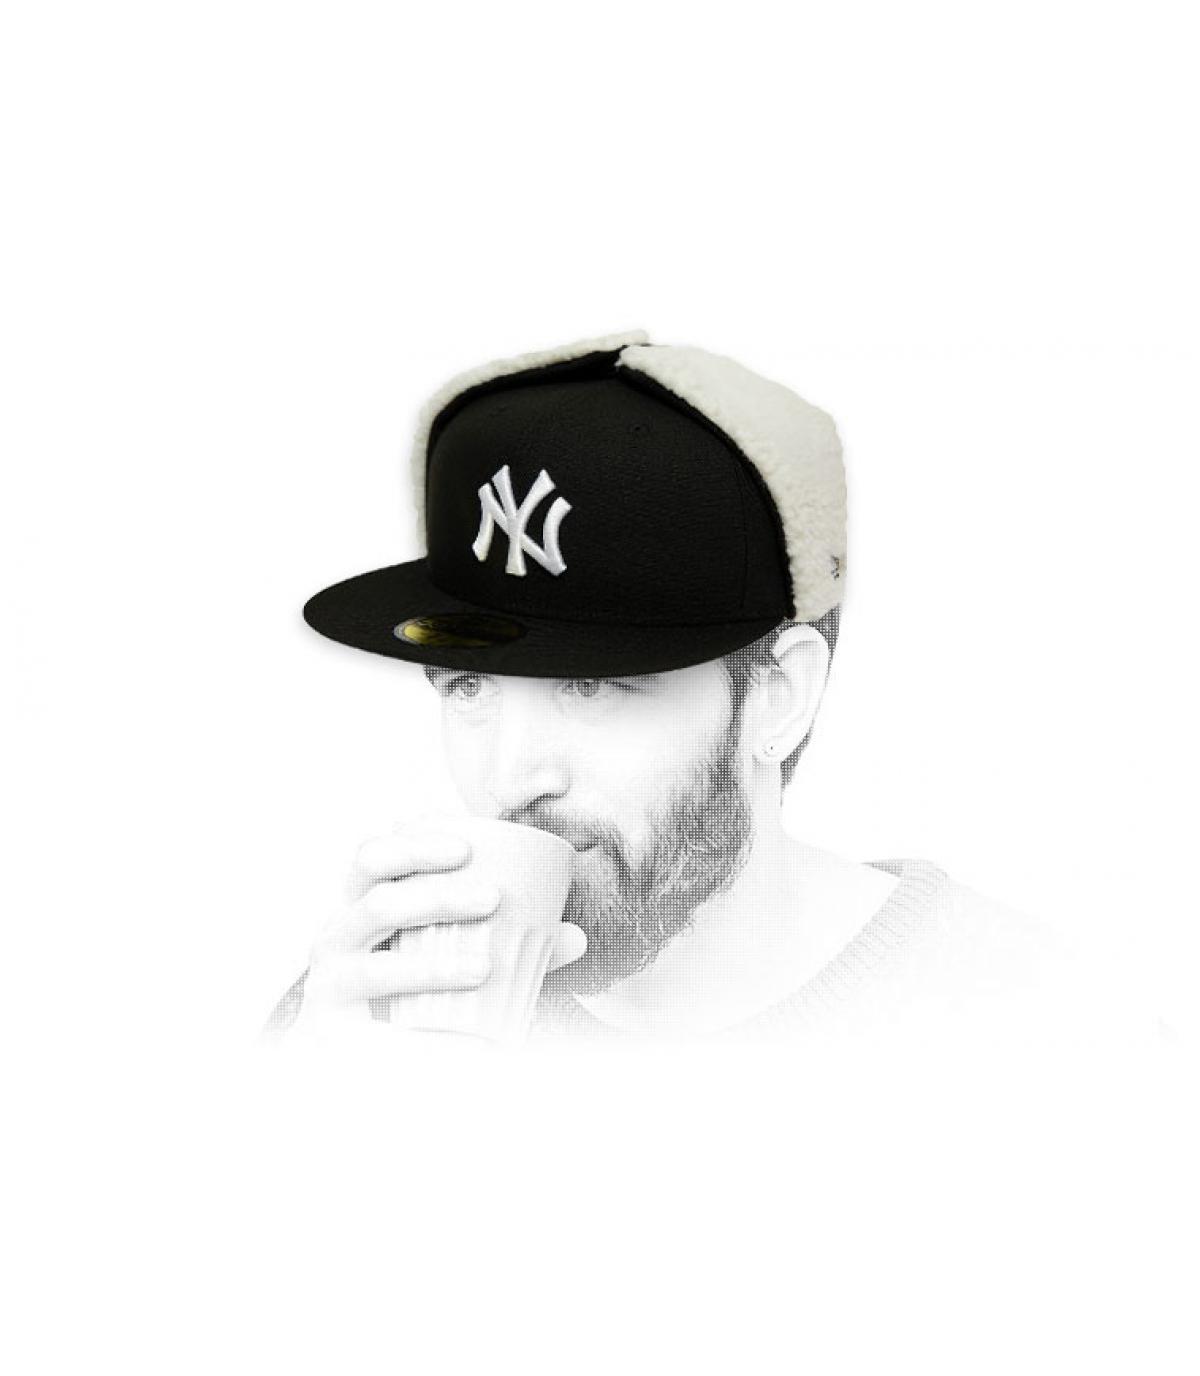 gorra NY negro blanco orejeras